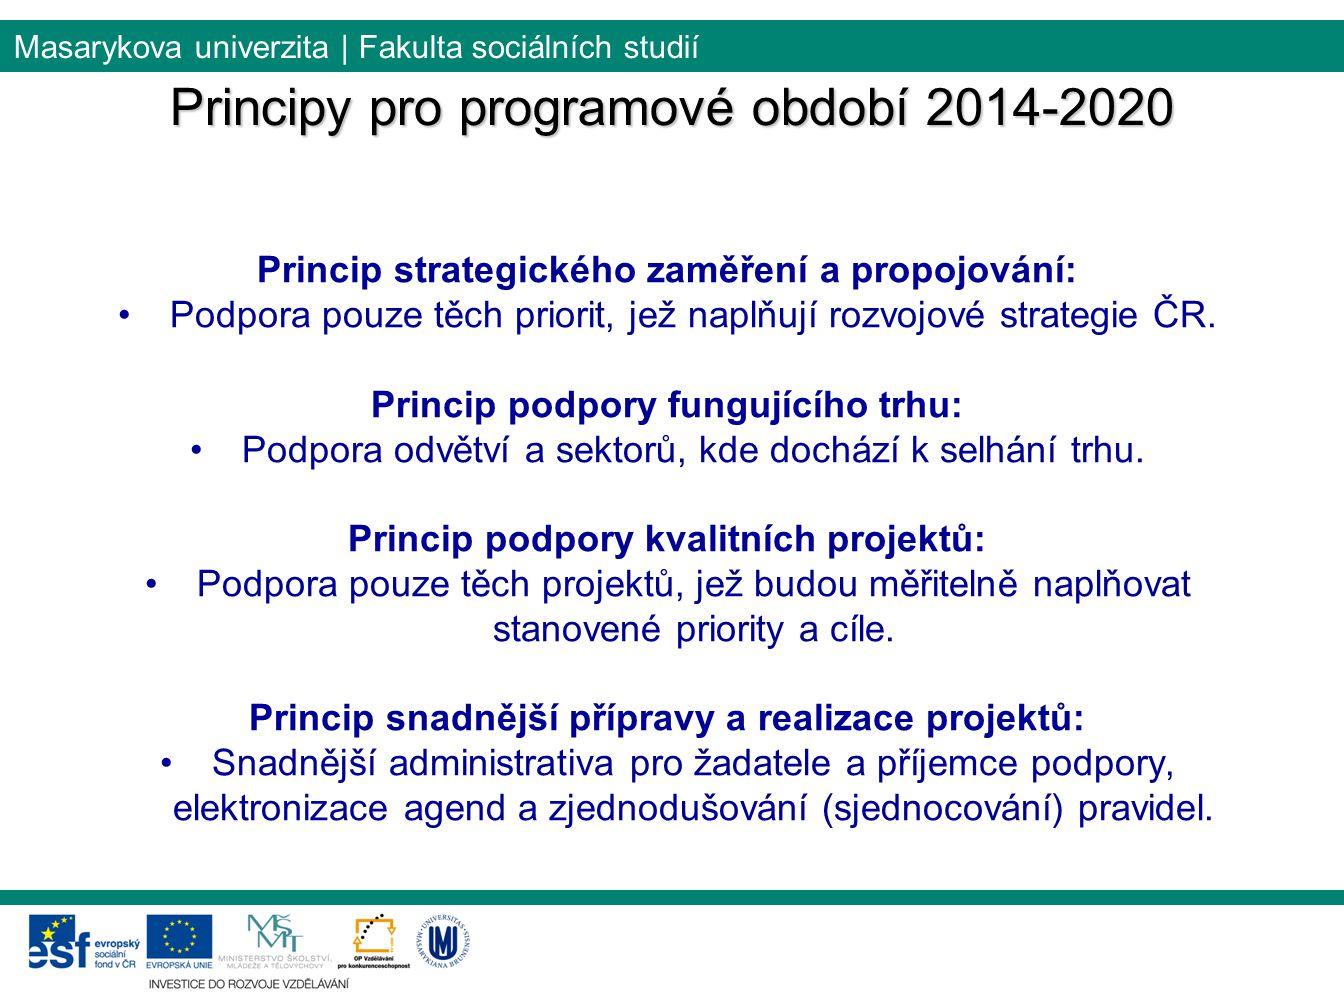 Masarykova univerzita | Fakulta sociálních studií Princip strategického zaměření a propojování: Podpora pouze těch priorit, jež naplňují rozvojové strategie ČR.